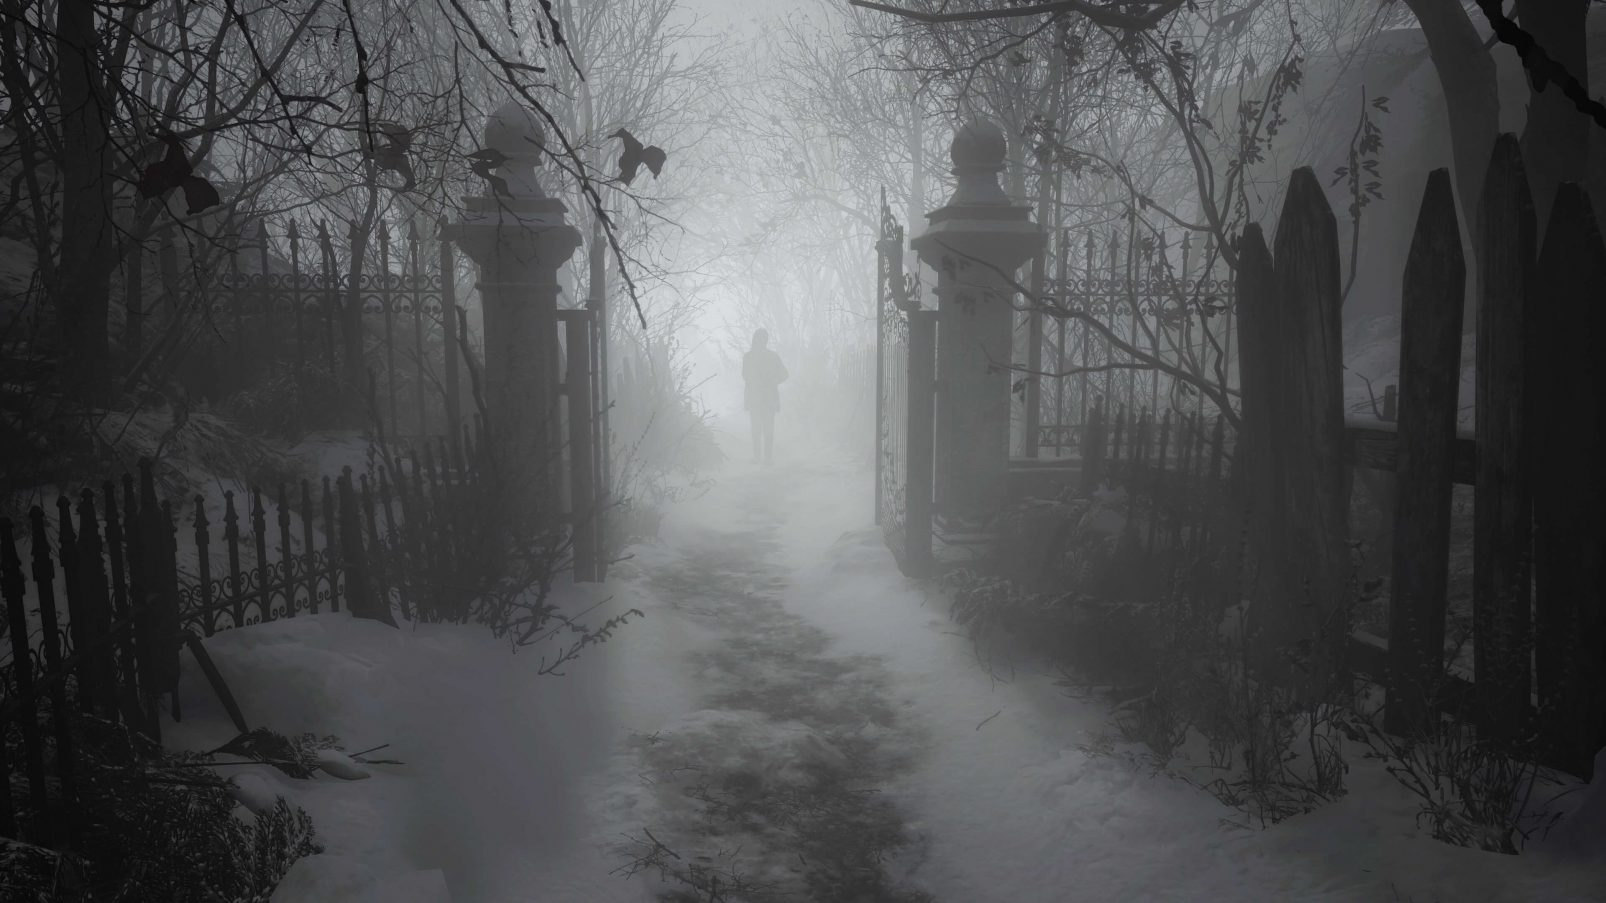 lanzamiento de Resident Evil Village